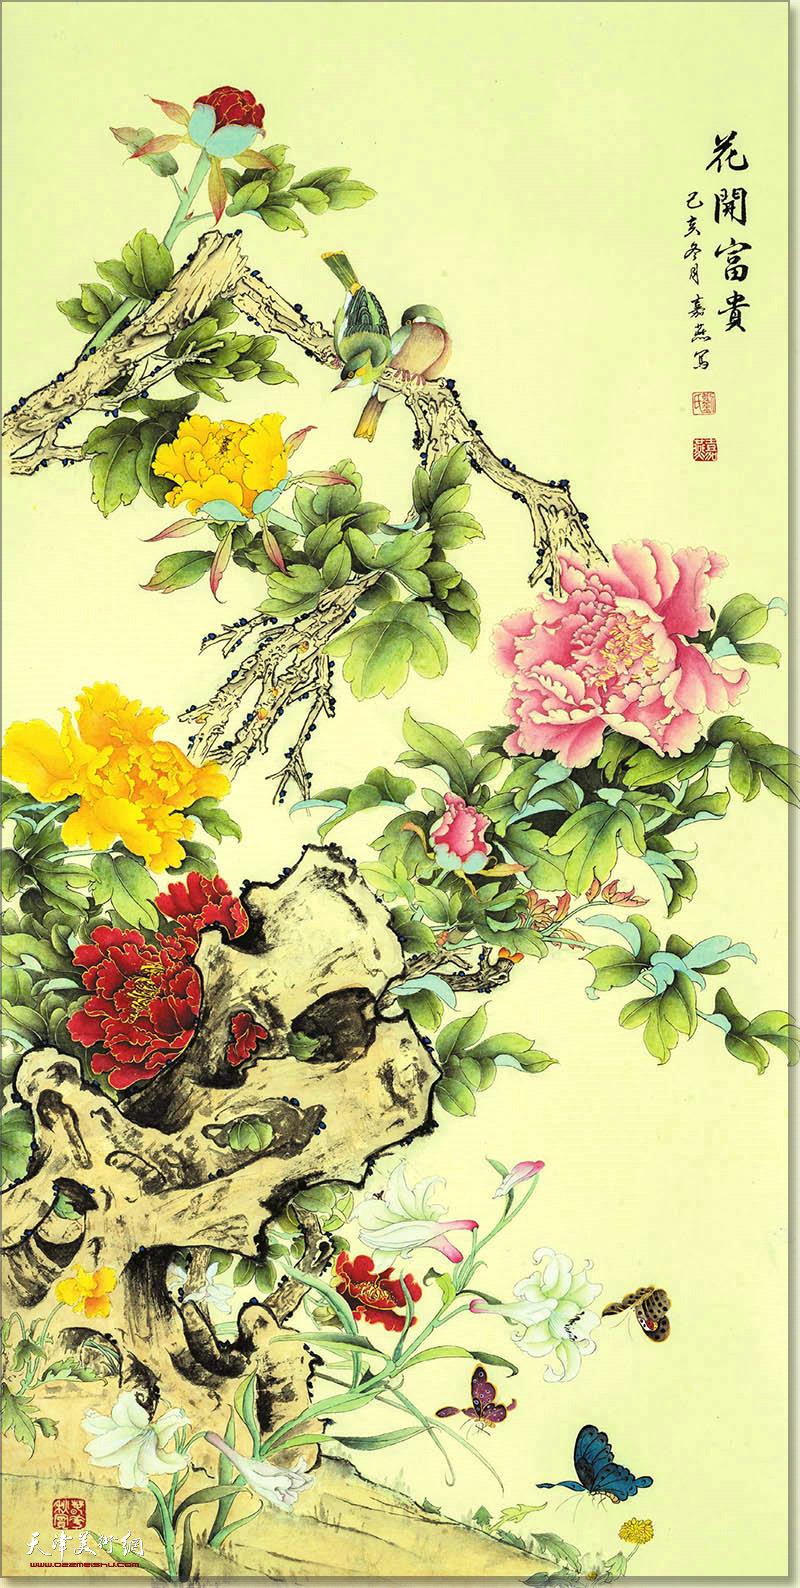 刘嘉燕作品:花开富贵